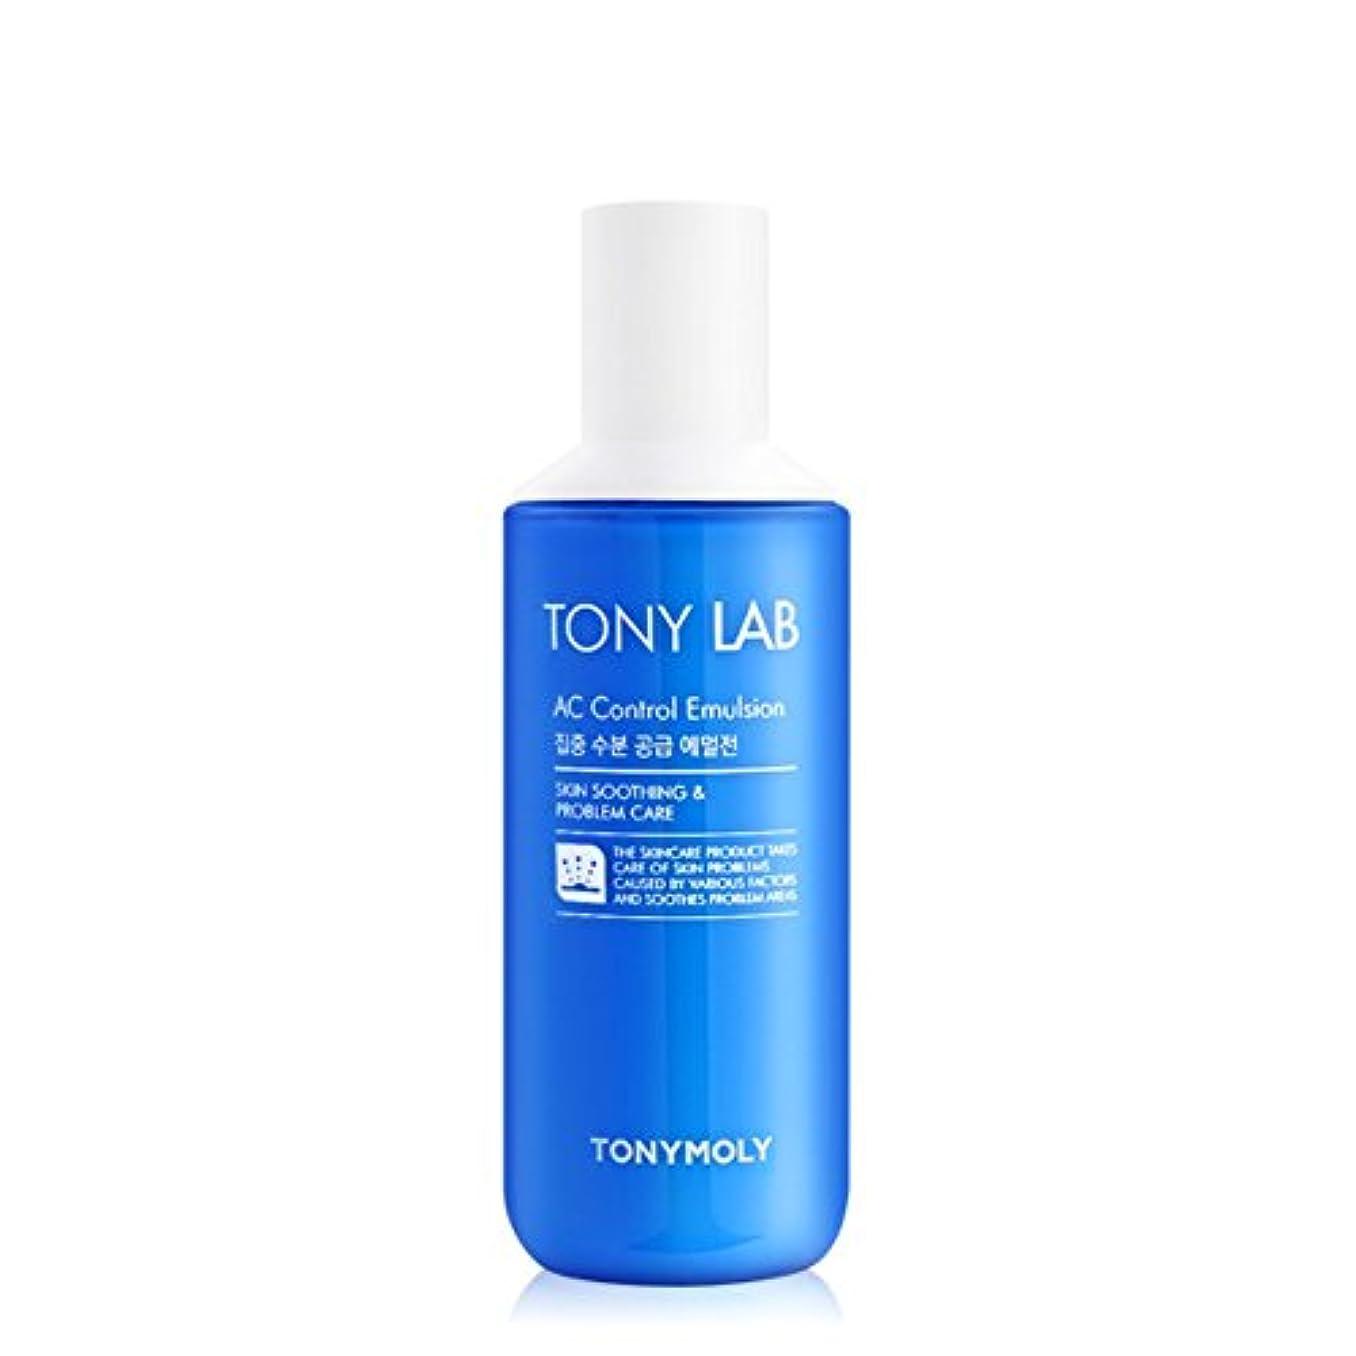 [2016 New] TONYMOLY Tony Lab AC Control Emulsion 160ml/トニーモリー トニー ラボ AC コントロール エマルジョン 160ml [並行輸入品]